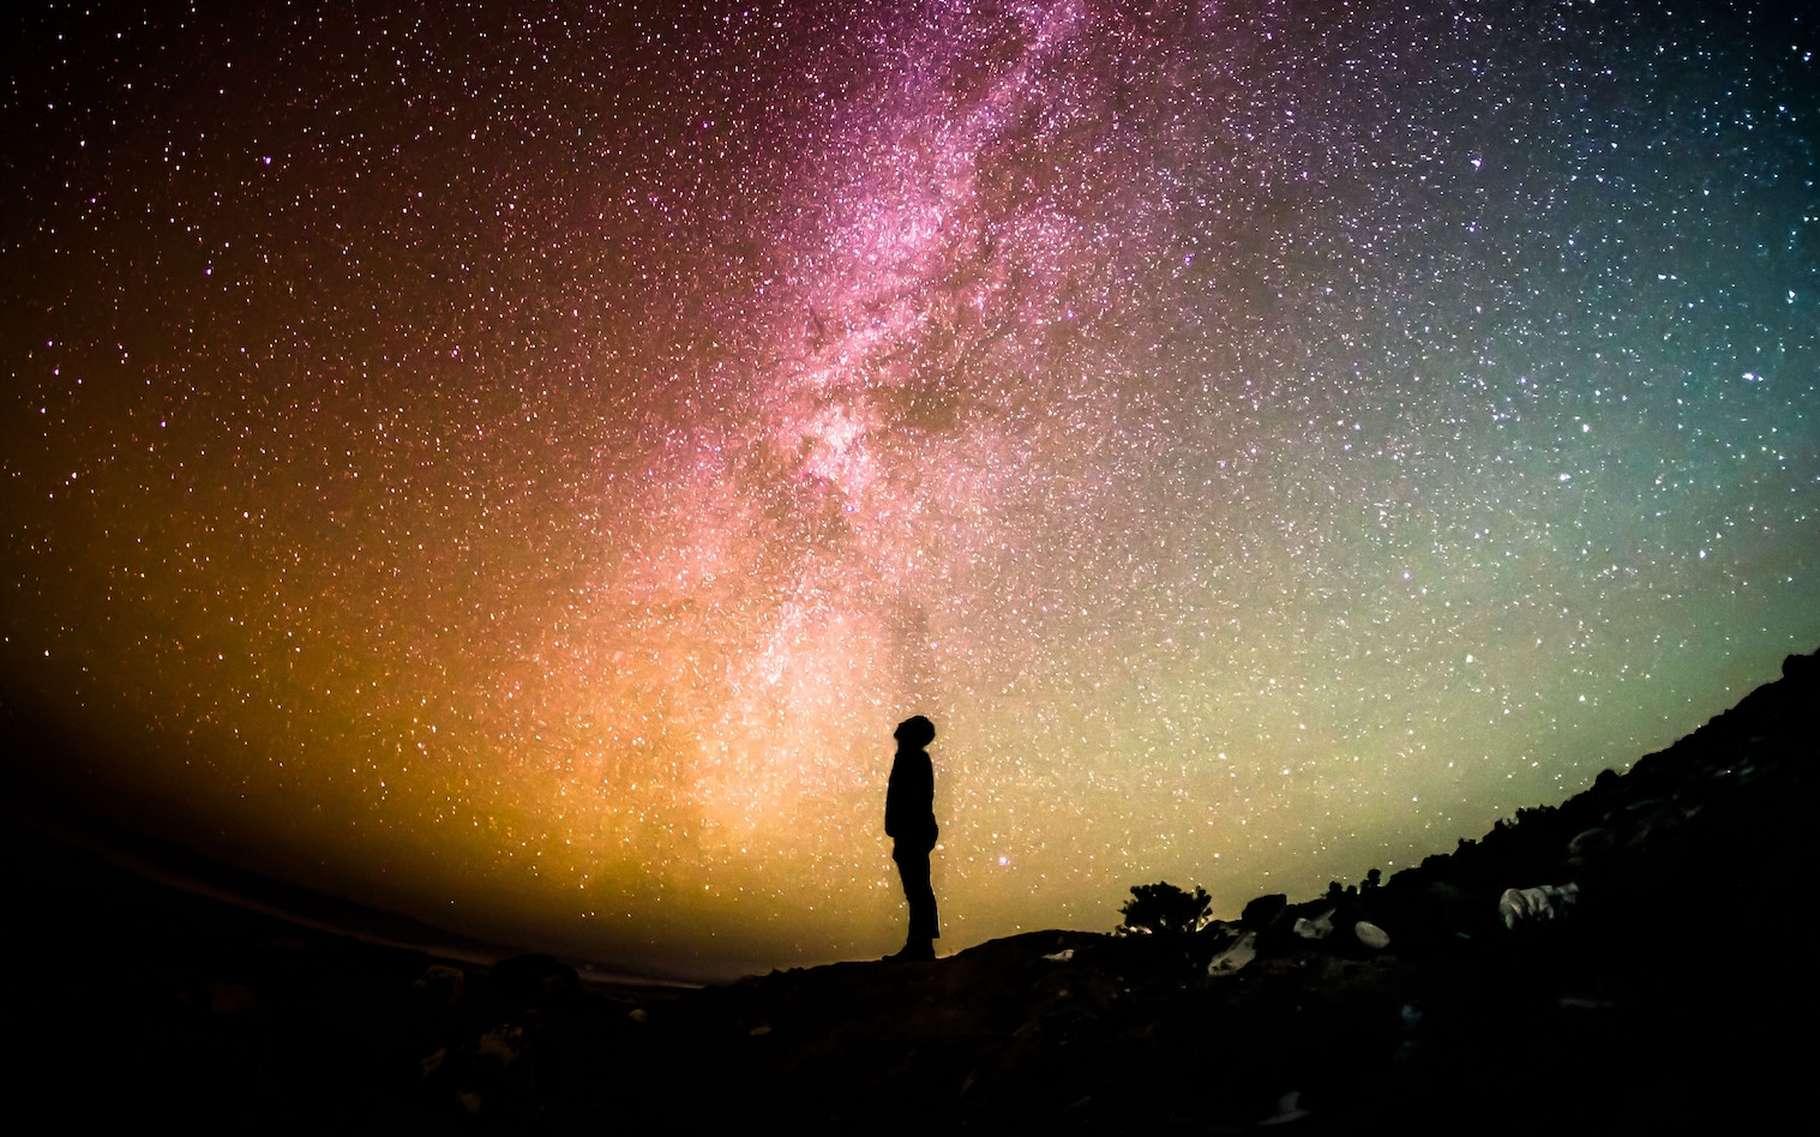 Un parsec correspond à la distance à laquelle doit se trouver une étoile pour avoir une parallaxe de 1 seconde d'arc. En fait, aucune étoile n'est aussi proche de la Terre. © Greg Rakozy, Unsplash